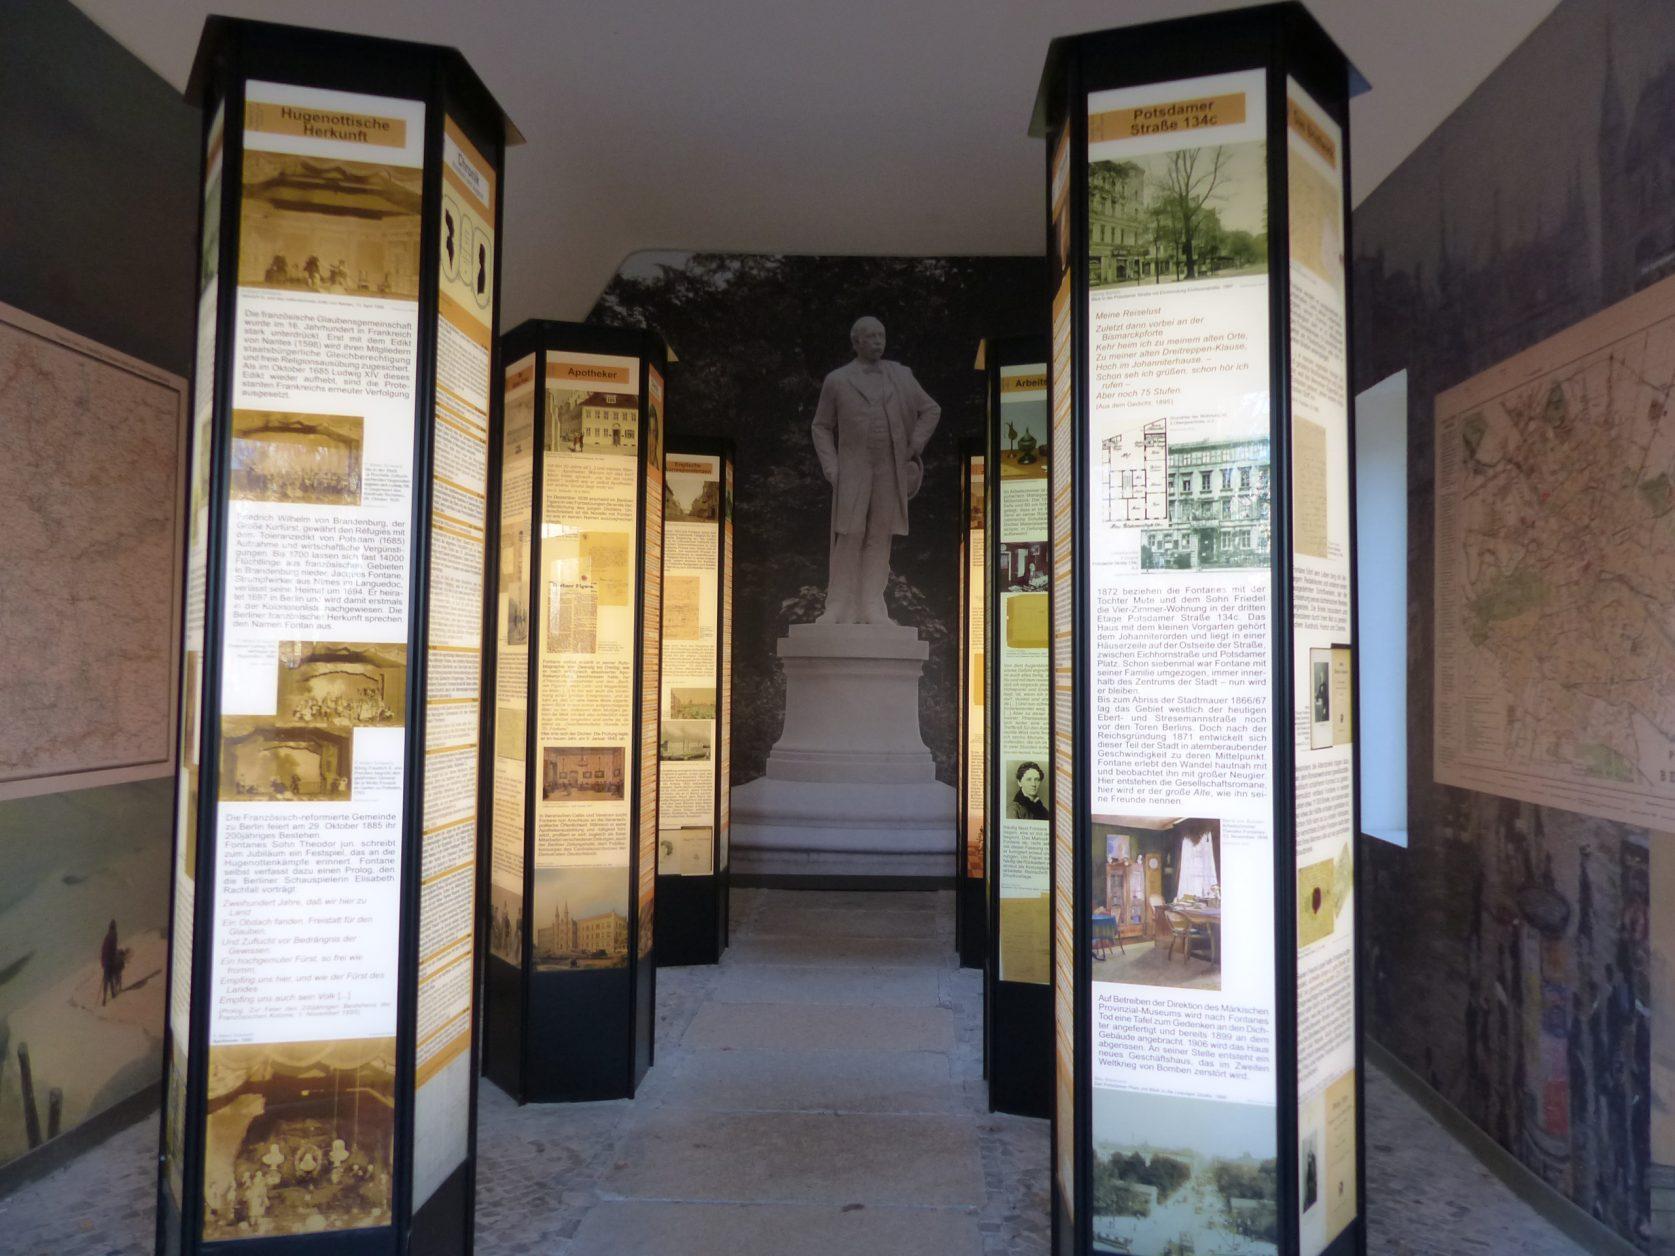 Blick in die Ausstellung in der Fontane - Gedenkstätte, Foto: Weirauch